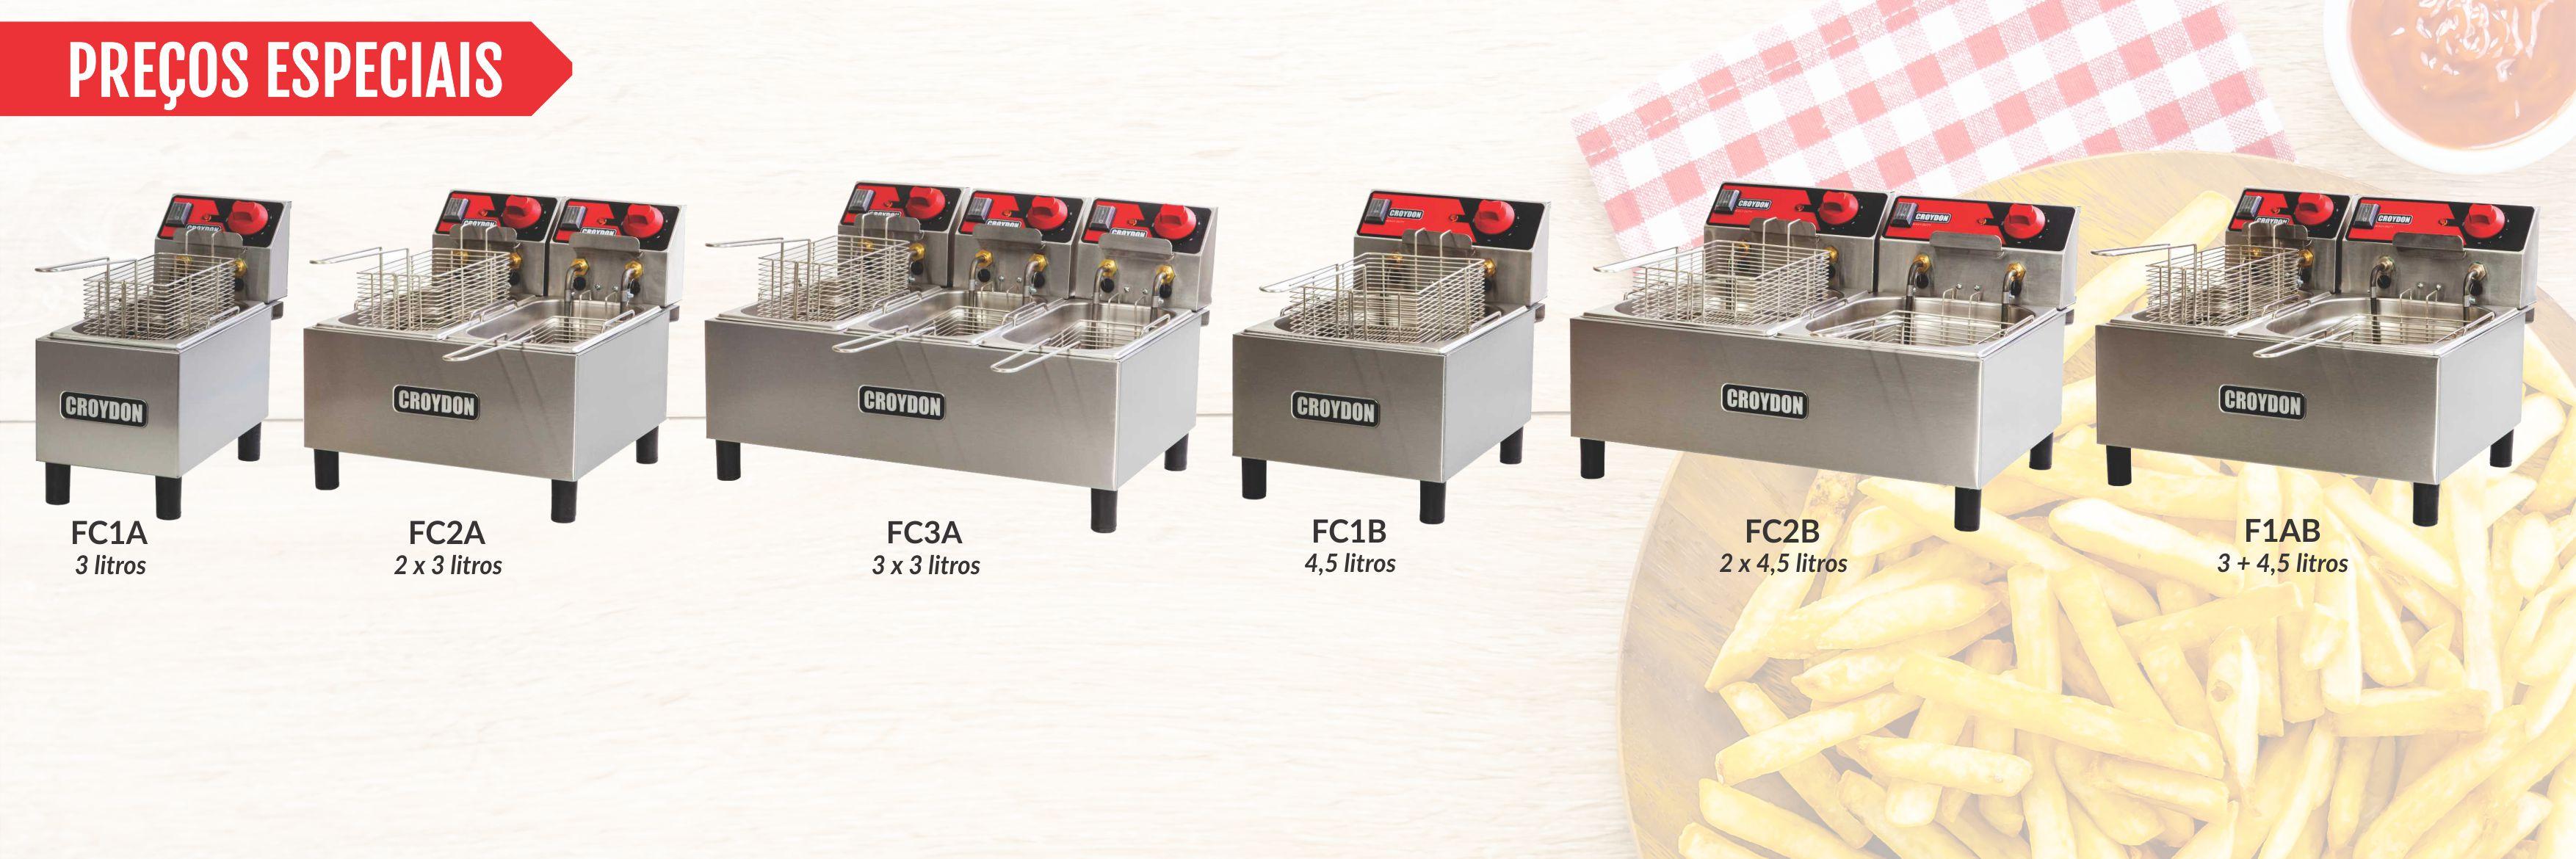 <p>Consulte esses PREÇOS ESPECIAIS em toda linha de Fritadeiras FC,</p> <p>com nossos Distribuidores.</p>